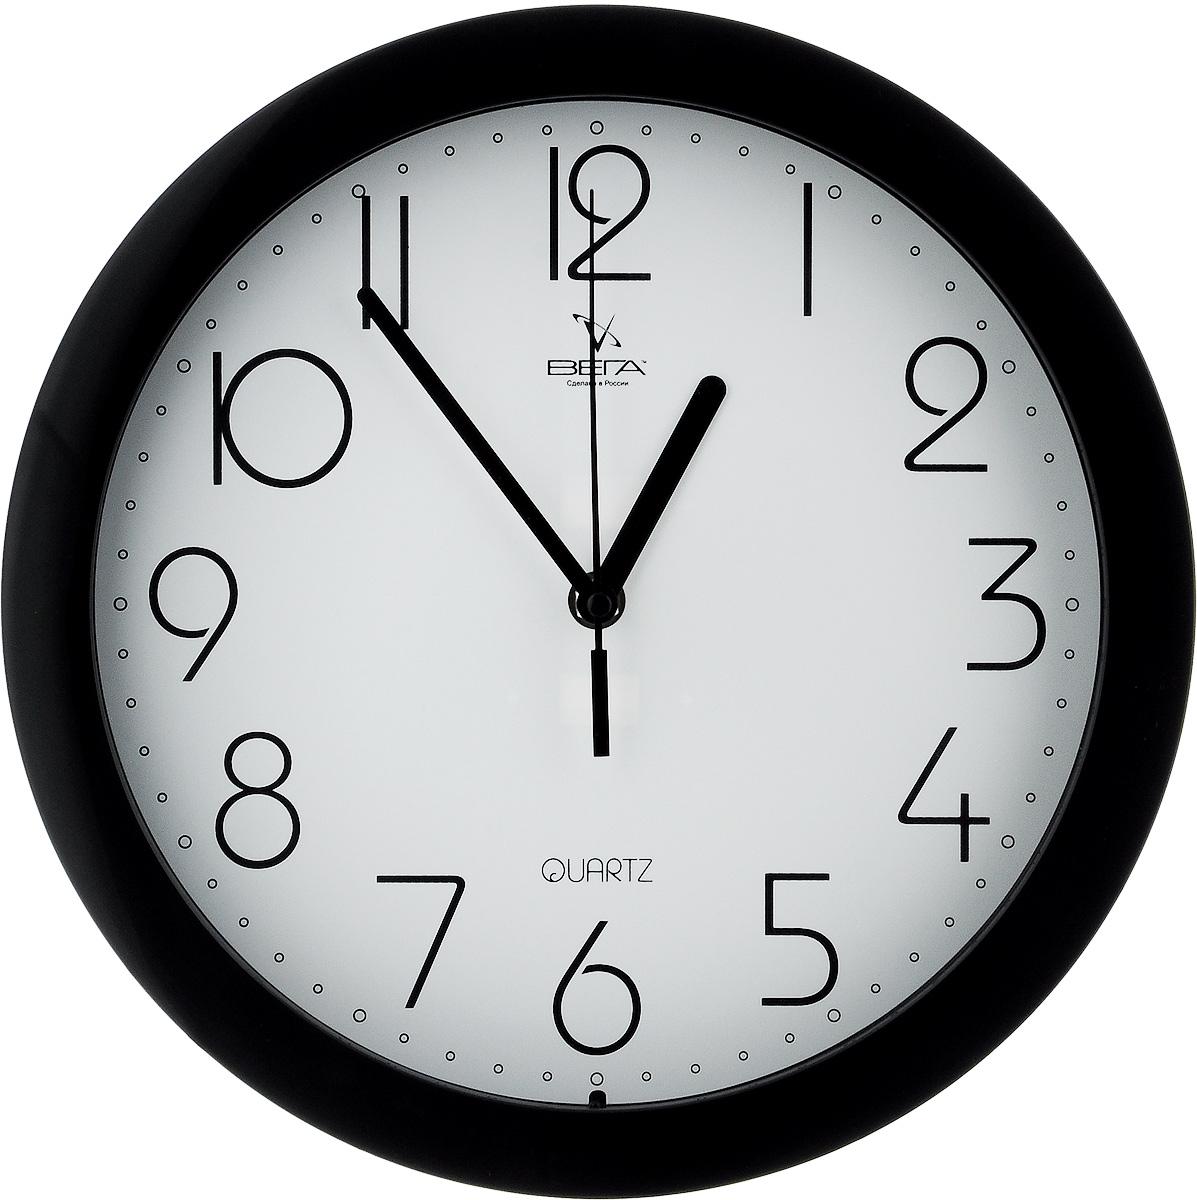 Часы настенные Вега Классика, цвет: черный, белый, диаметр 28,5 см. П1-6/6П1-6/6-4Настенные кварцевые часы Вега Классика, изготовленные из пластика, прекрасно впишутся в интерьервашего дома. Круглые часы имеют три стрелки: часовую,минутную и секундную, циферблат защищен прозрачнымстеклом.Часы работают от 1 батарейки типа АА напряжением 1,5 В (не входит в комплект).Диаметр часов: 28,5 см.